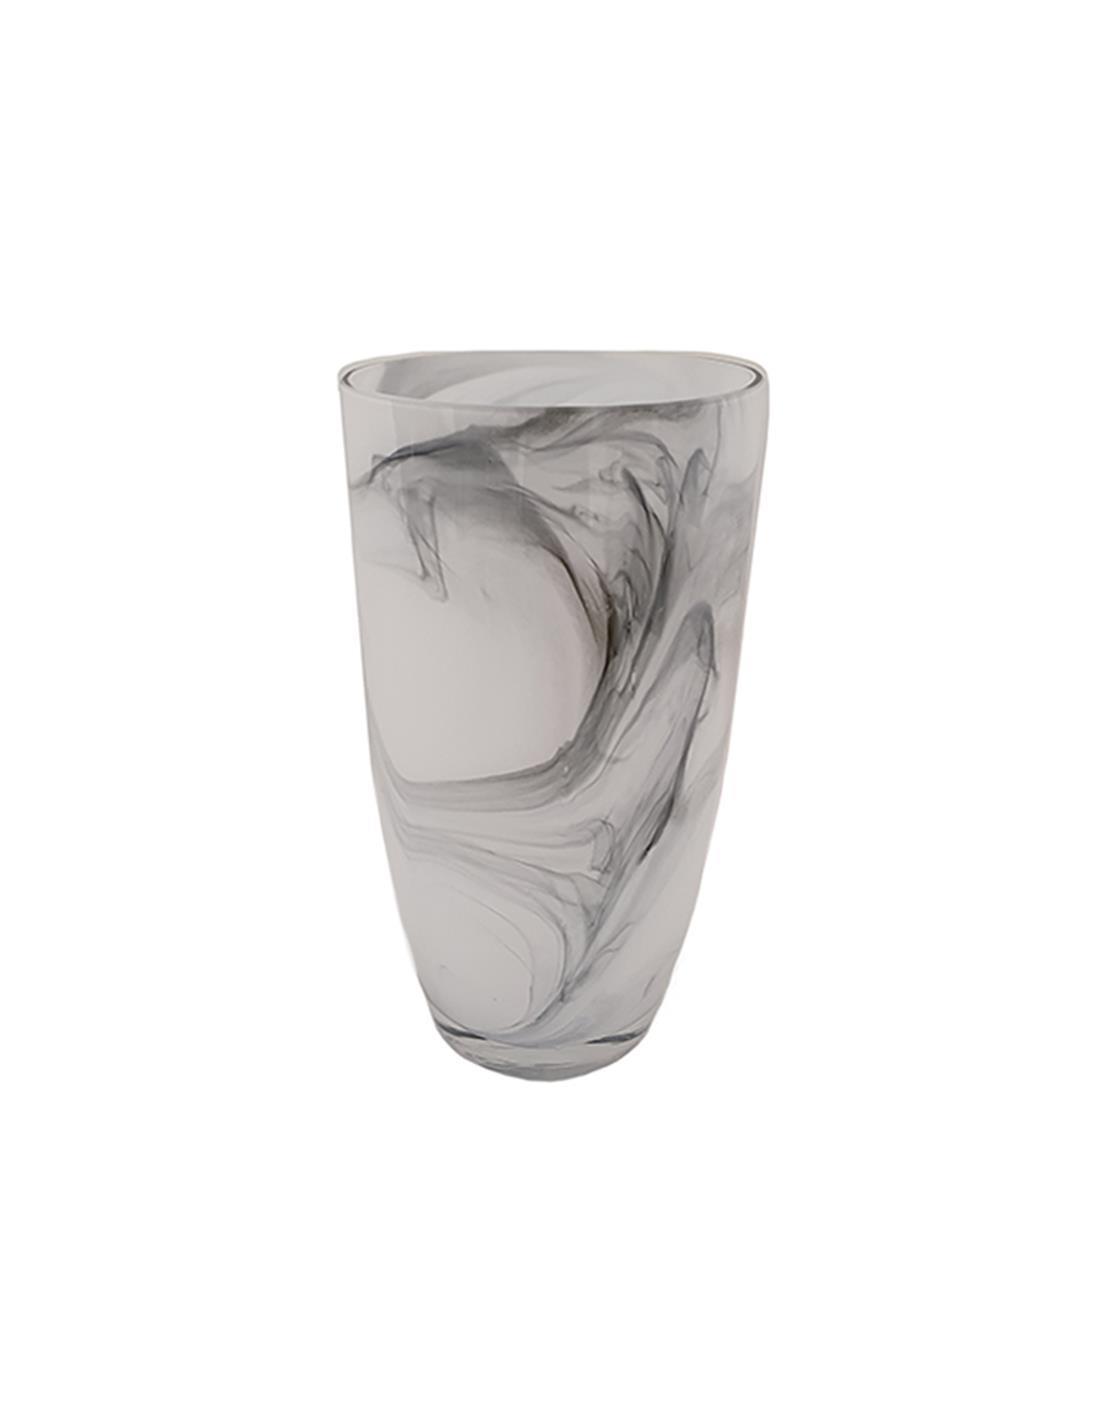 Βάζο marble γυάλινο λευκό/μαύρο 16x28cm